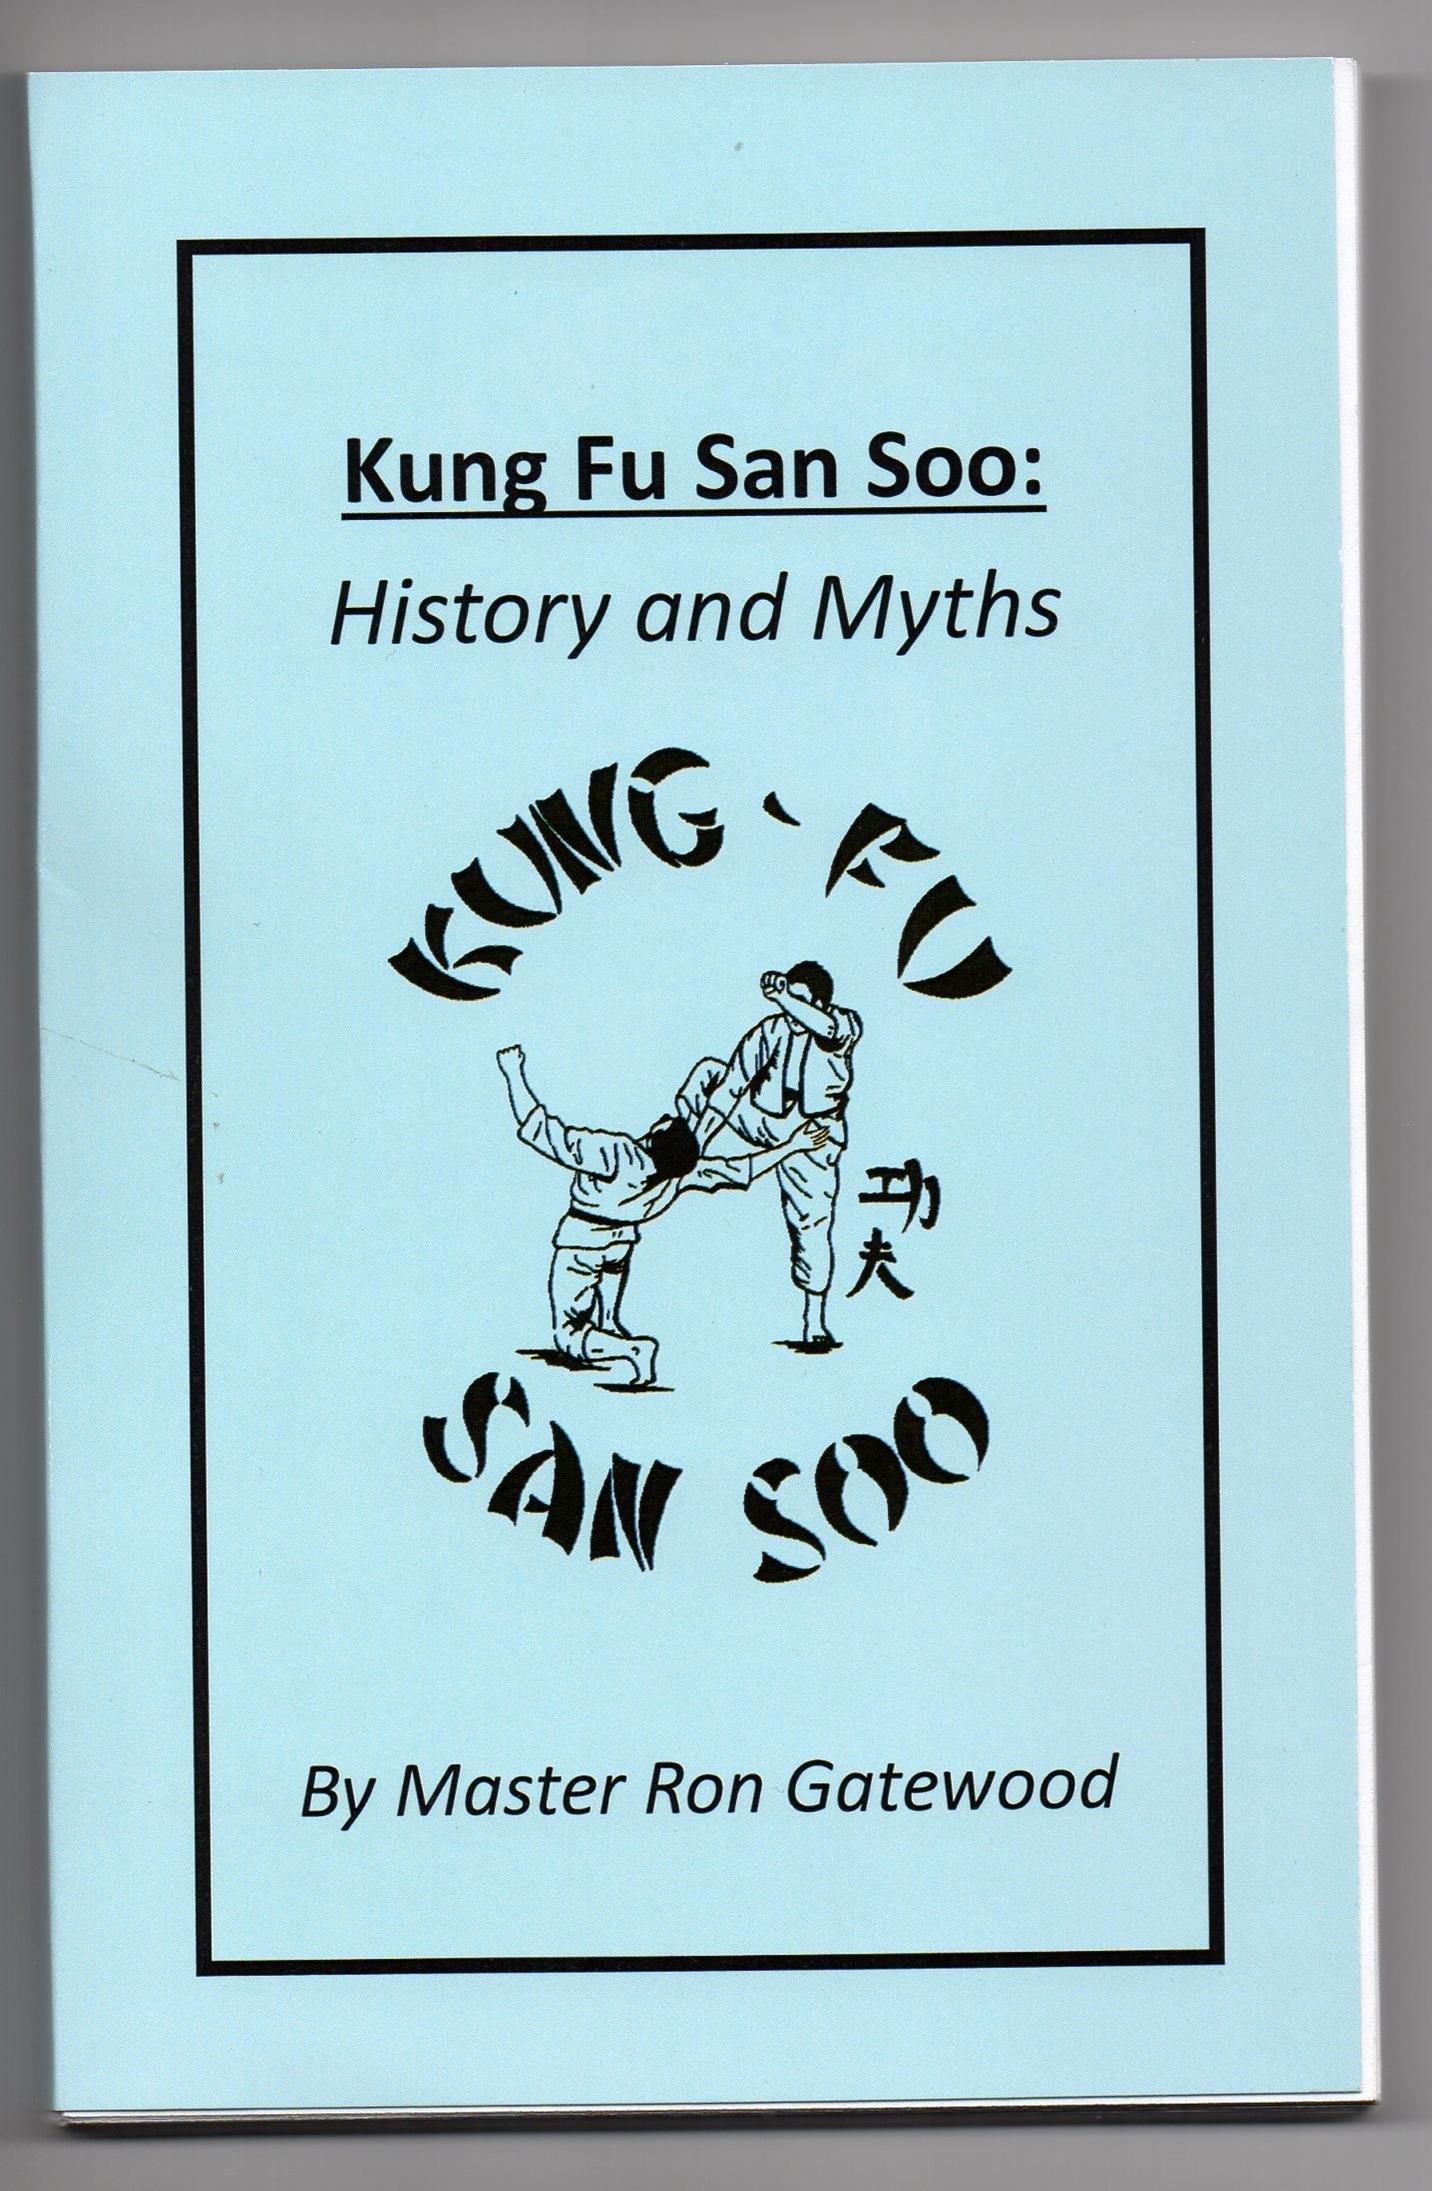 Kung Fu San Soo: History and Myths Kung Fu San Soo Collection ...